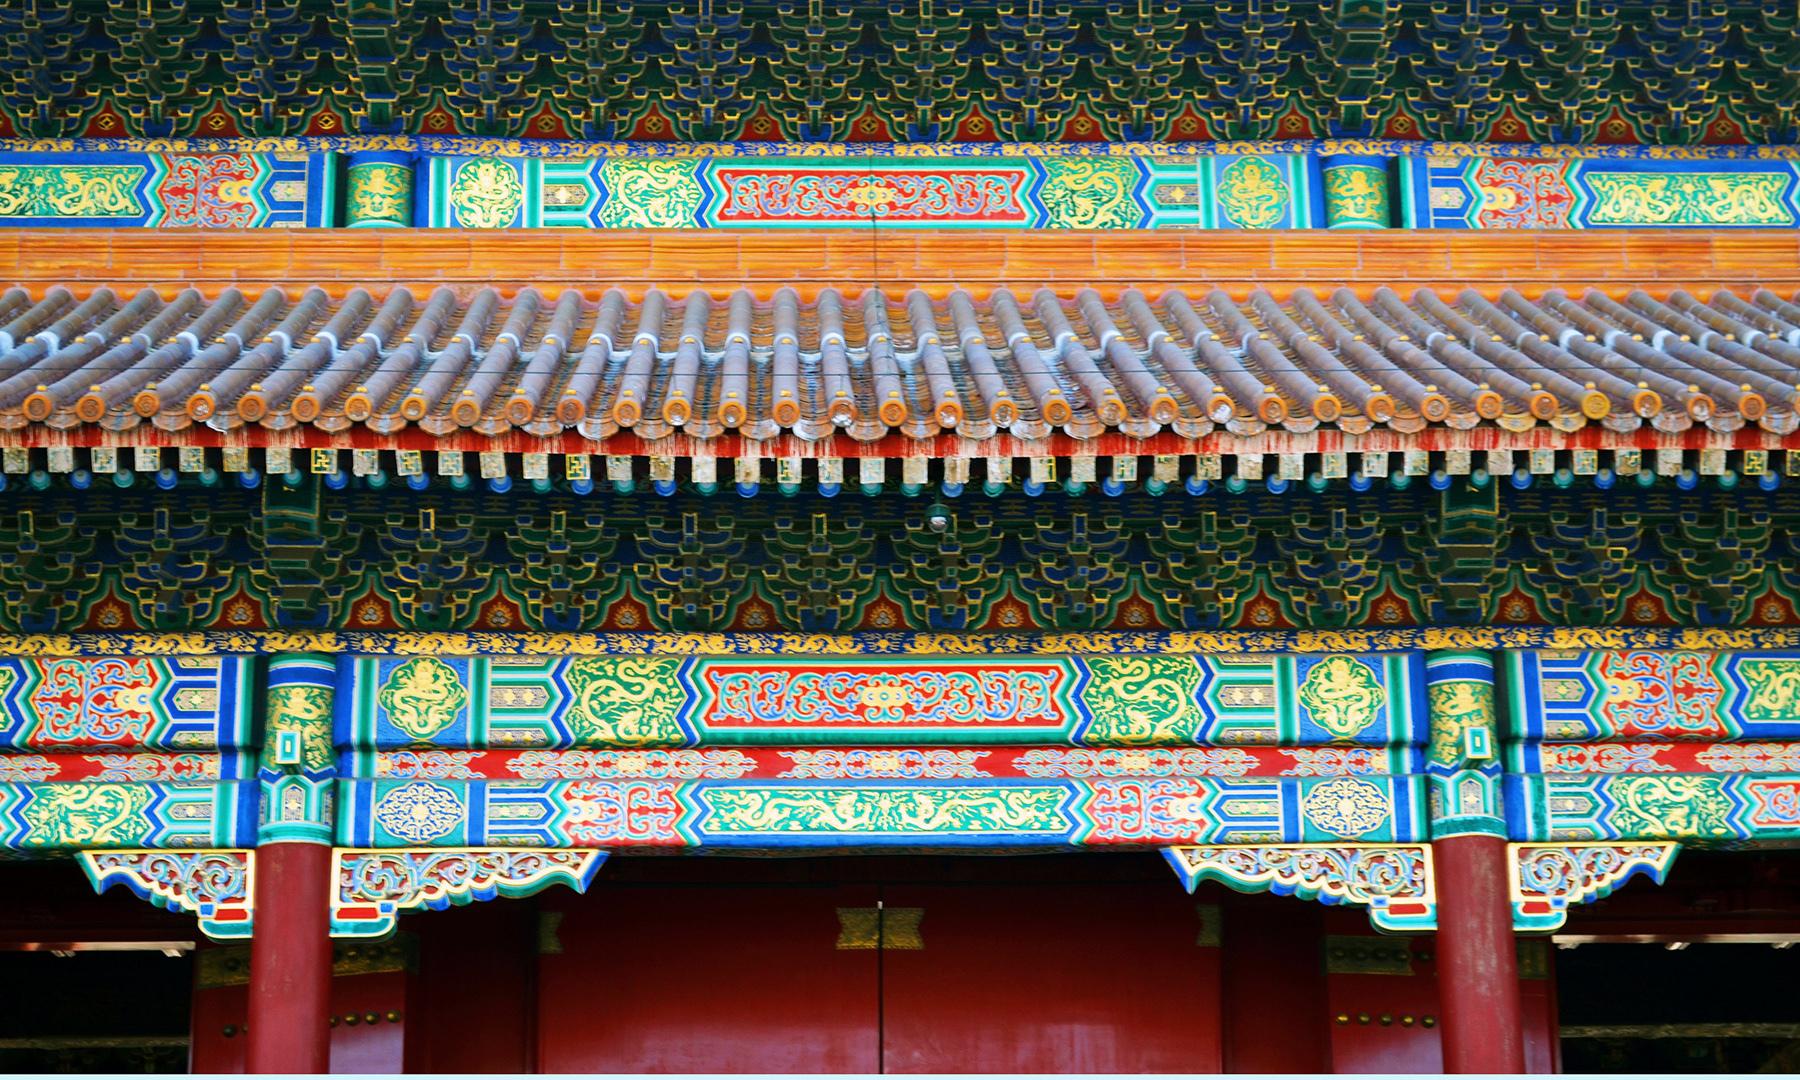 چین کا قدیم فن تعمیر — تصویر رمضان رفیق